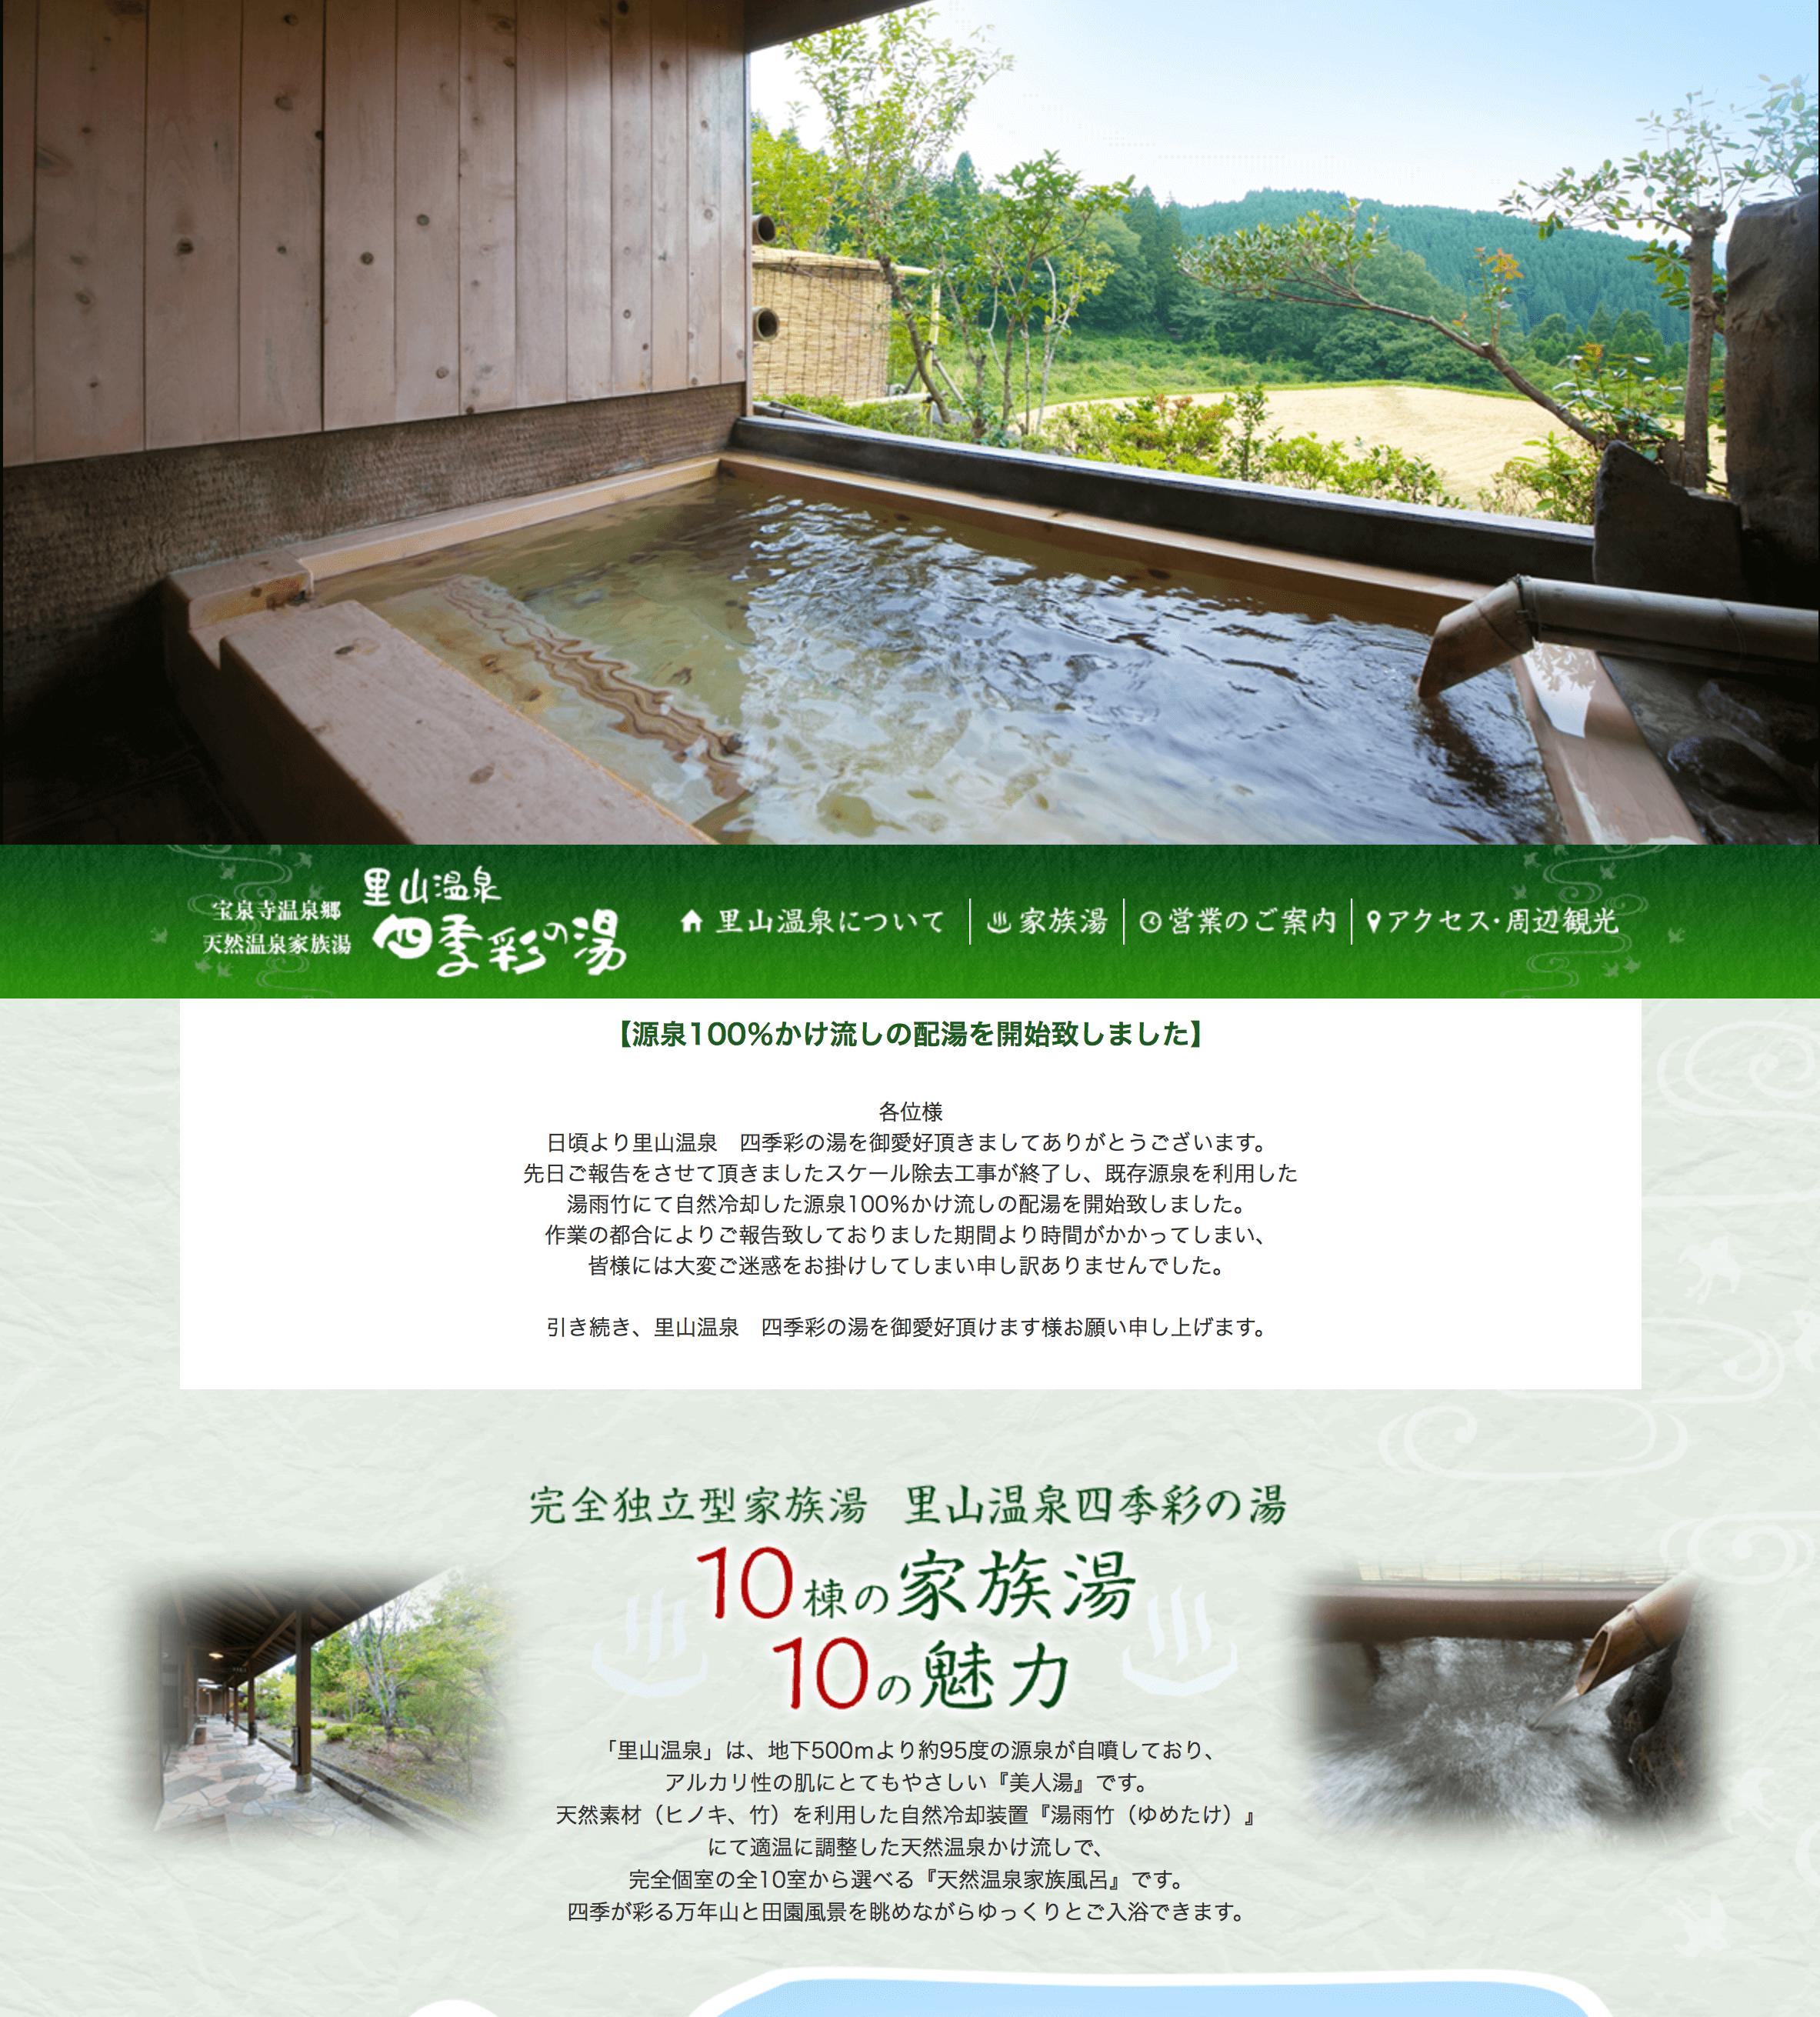 里山温泉色彩の湯様